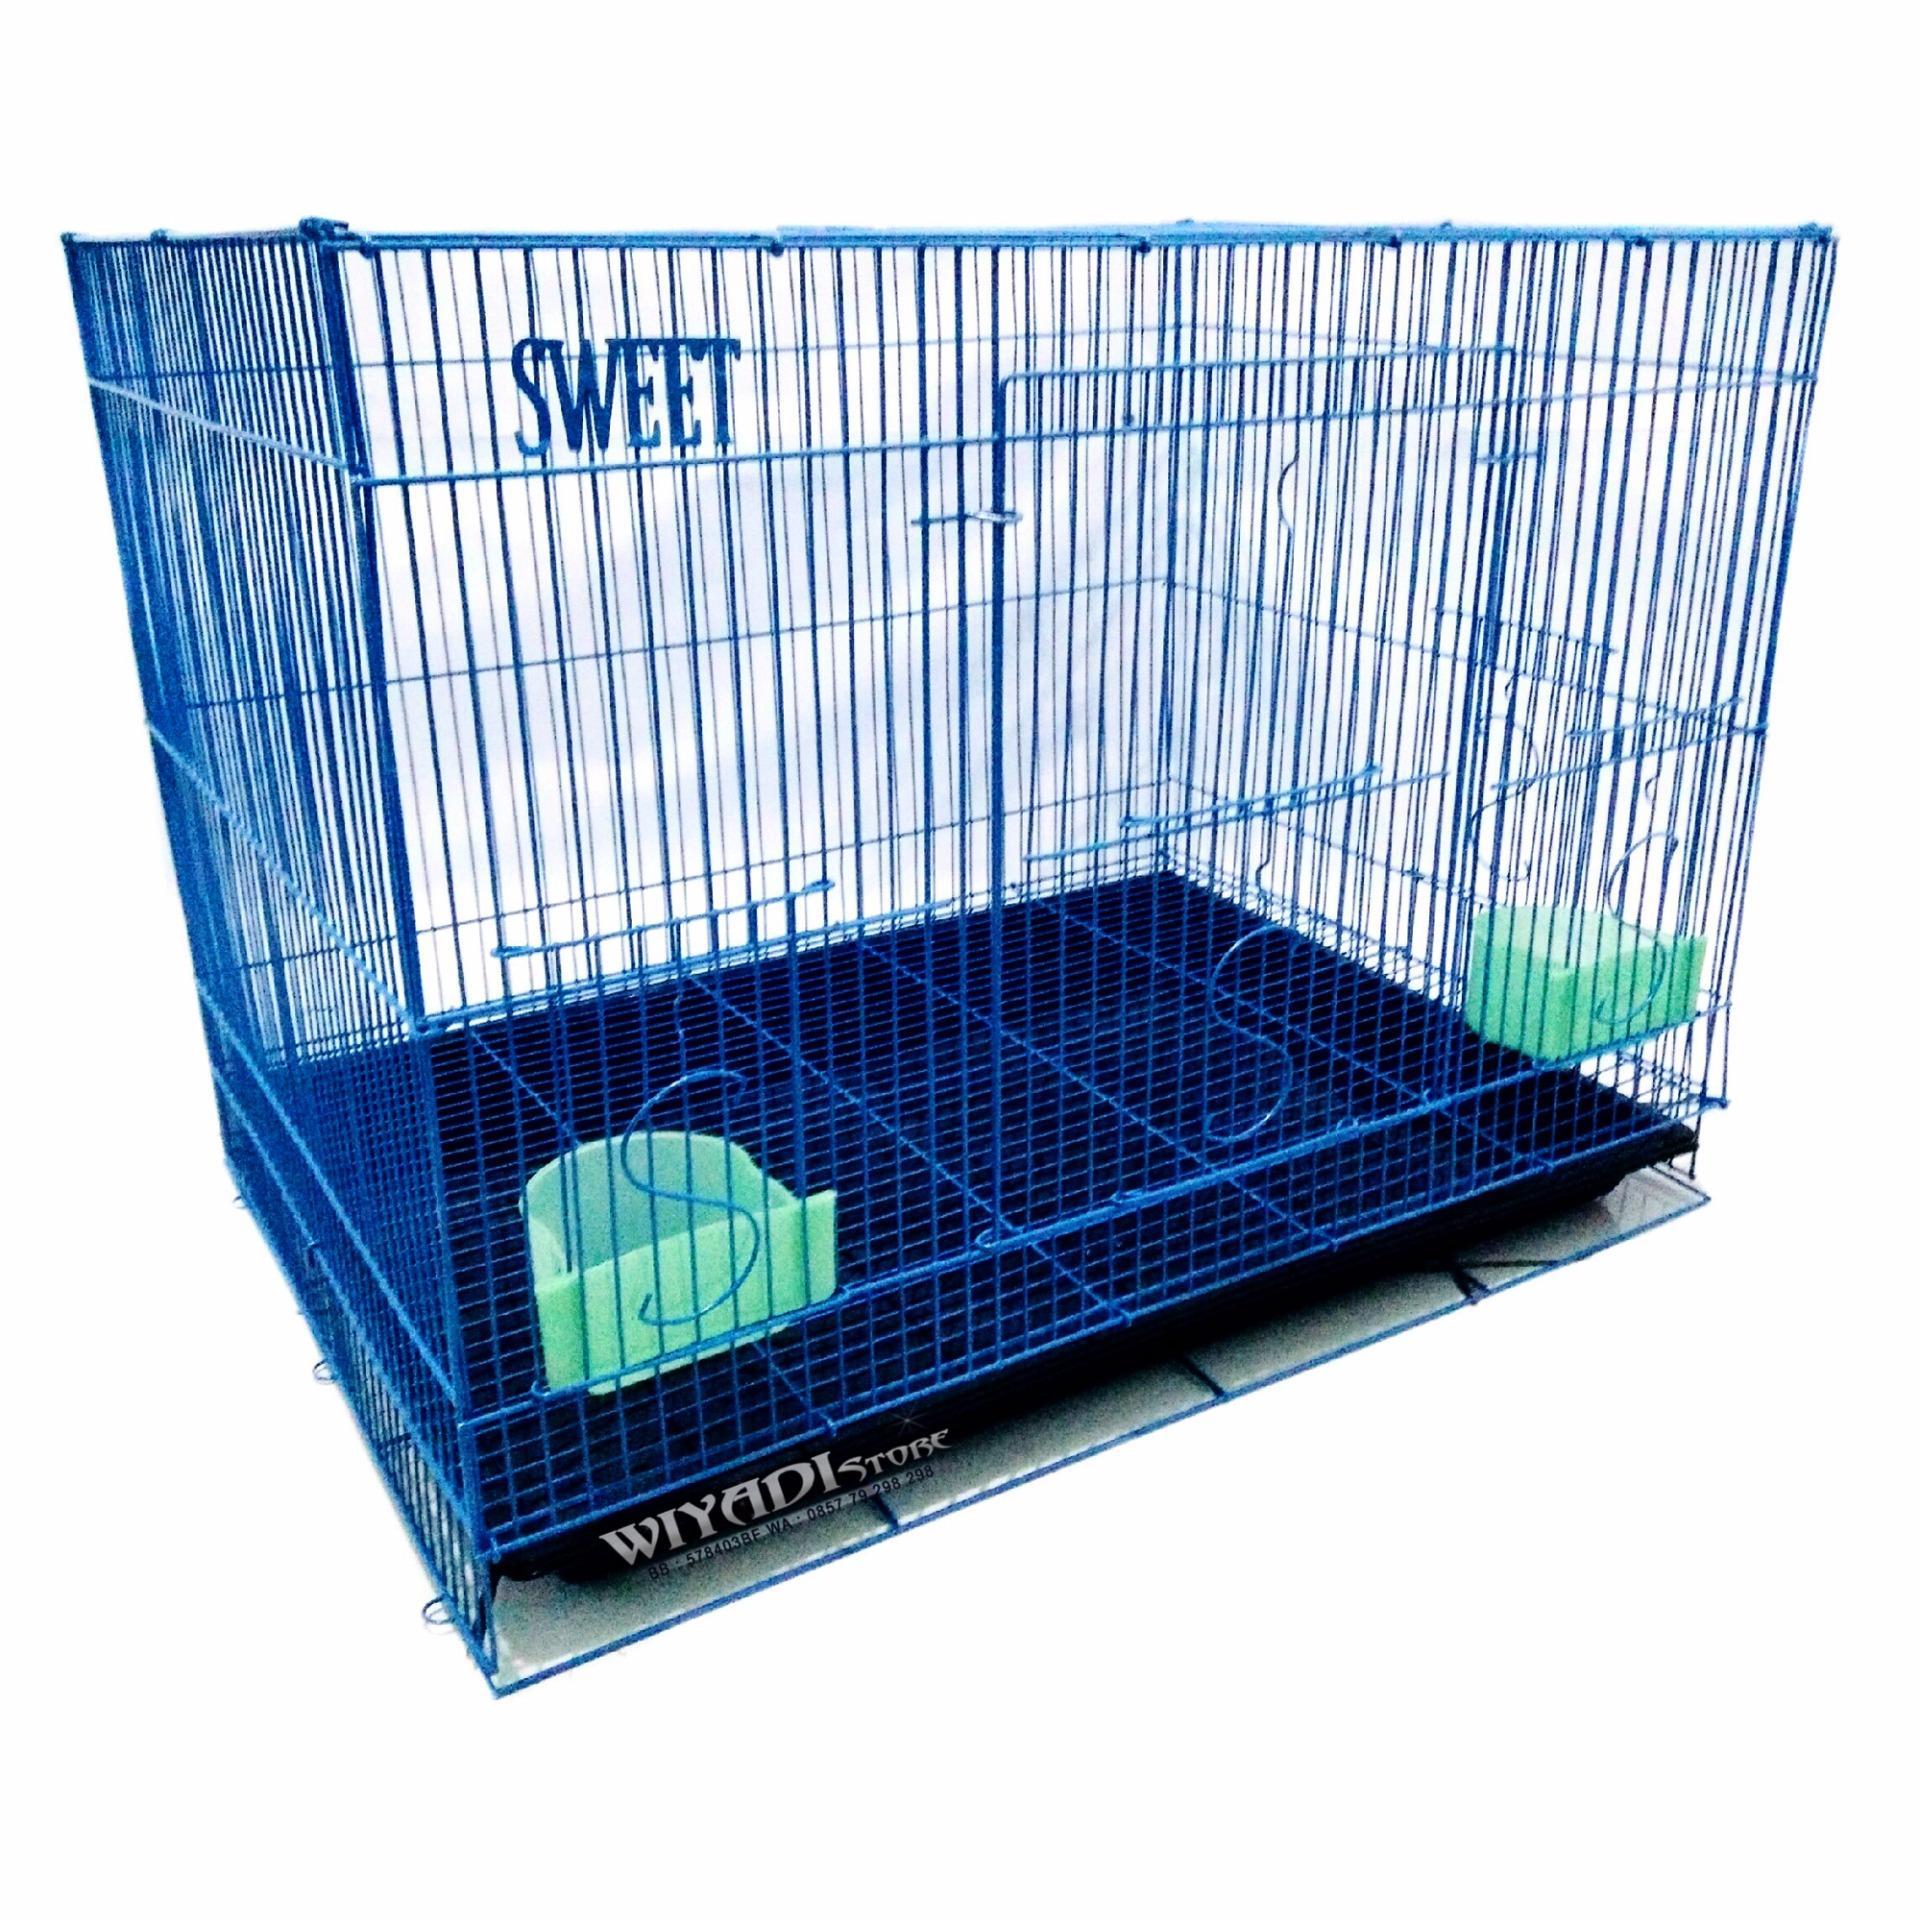 Beli Wiyadistore K12 Kandang Kucing Besi Lipat Besar 60P Biru Secara Angsuran